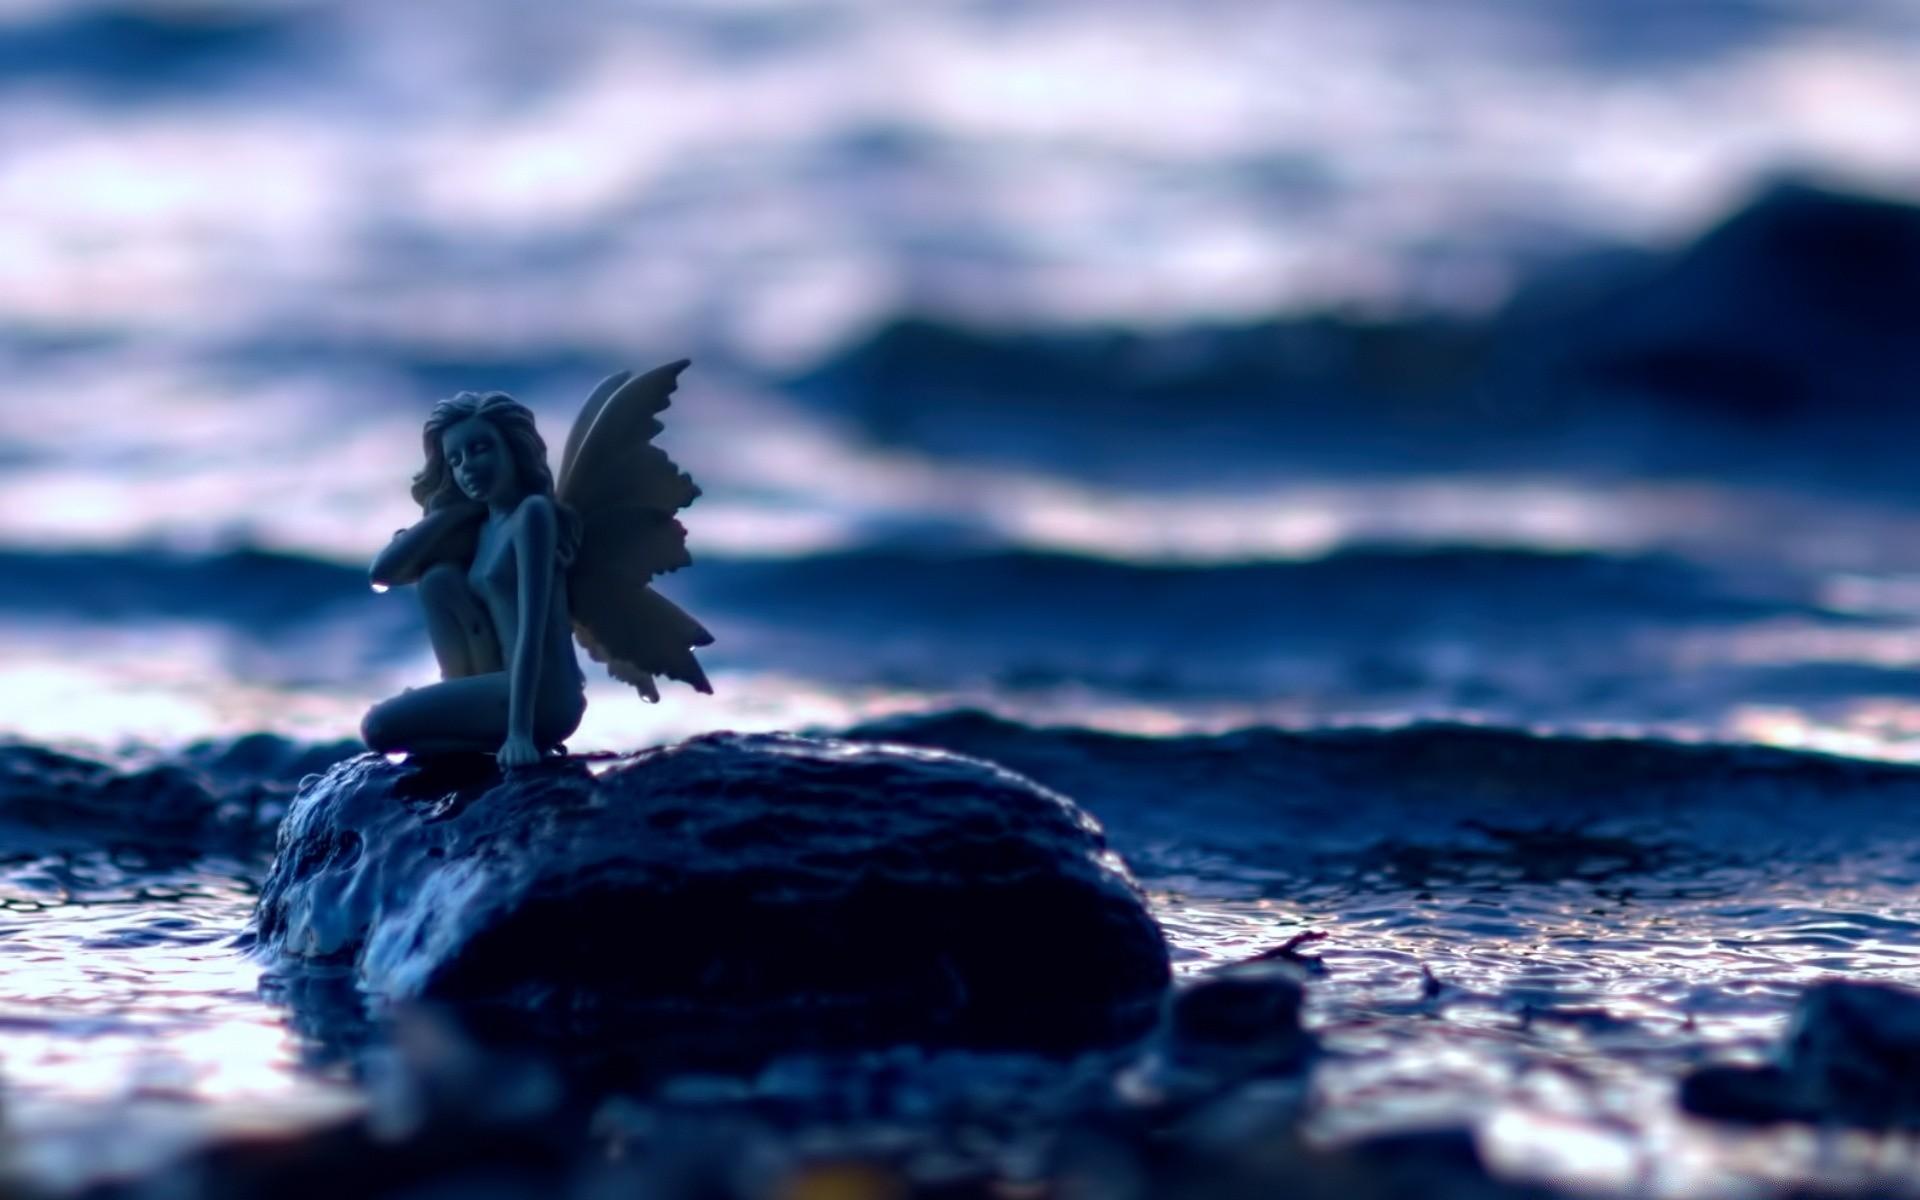 angel-na-fone-morya-foto-ochen-tolstiy-chlen-zasunul-v-anal